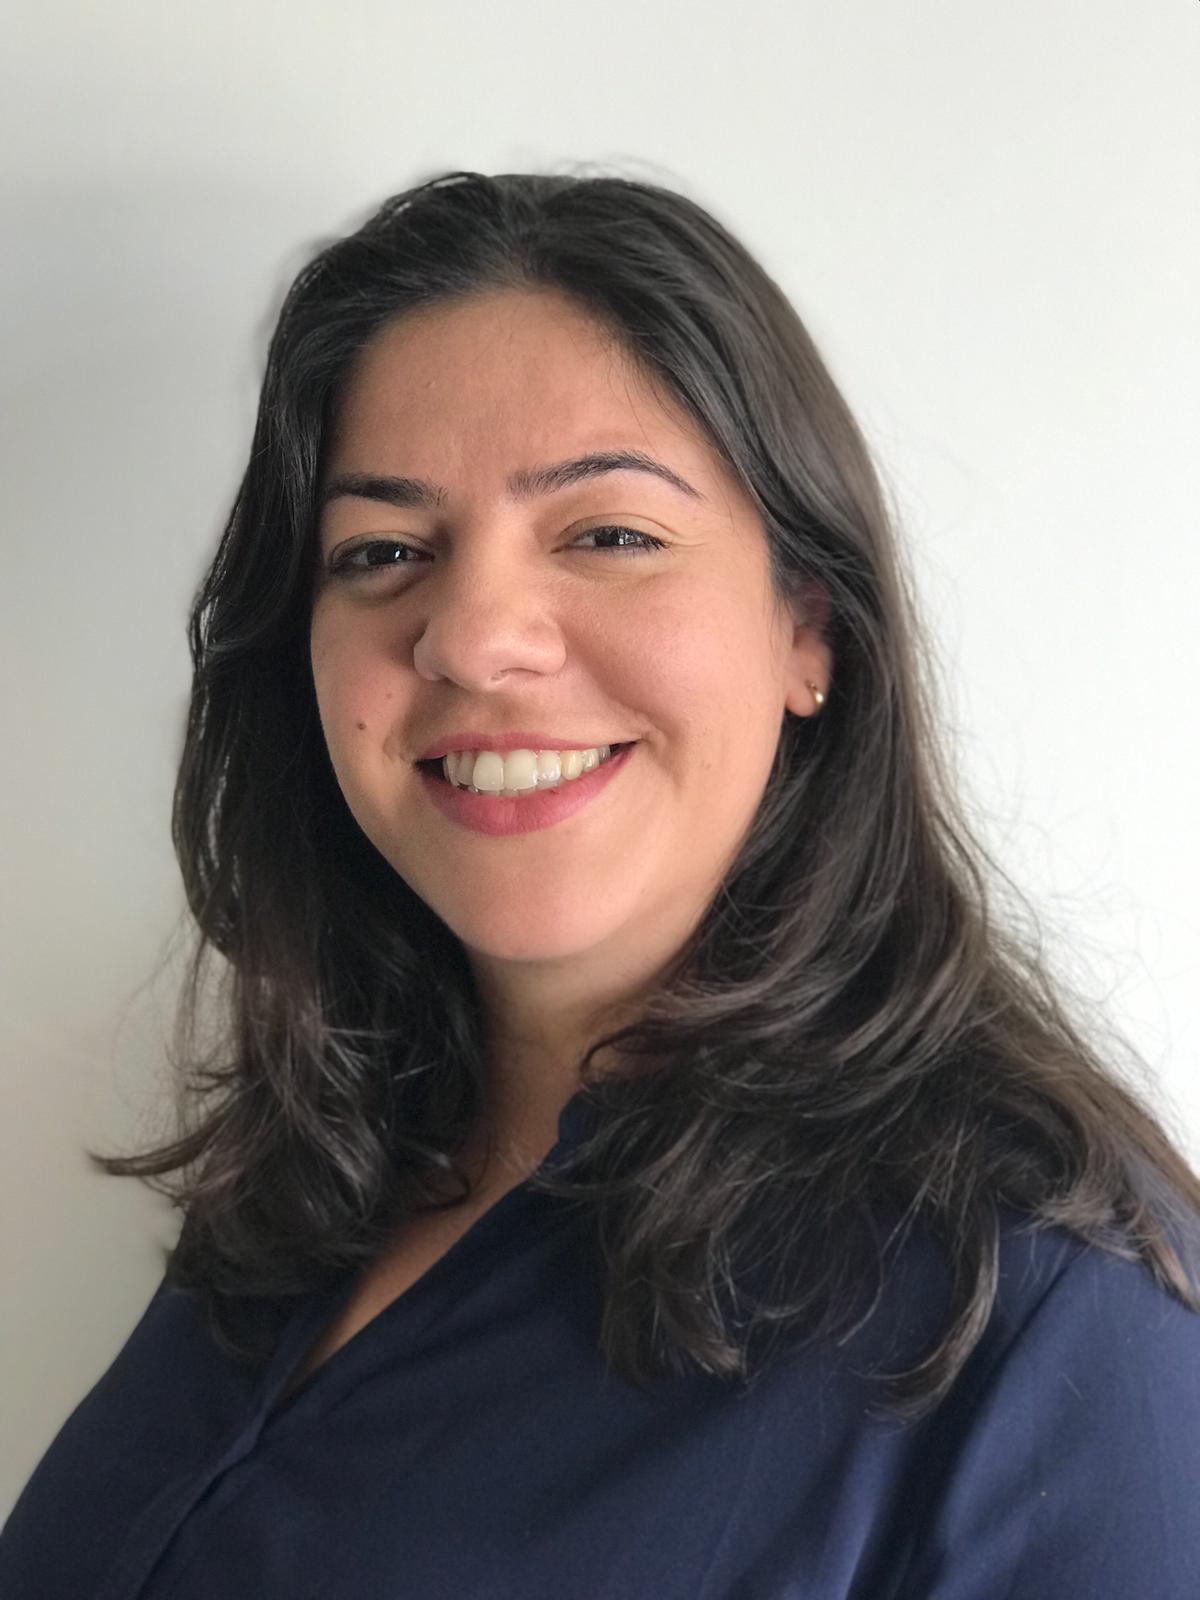 Tainá Gomes, PhD